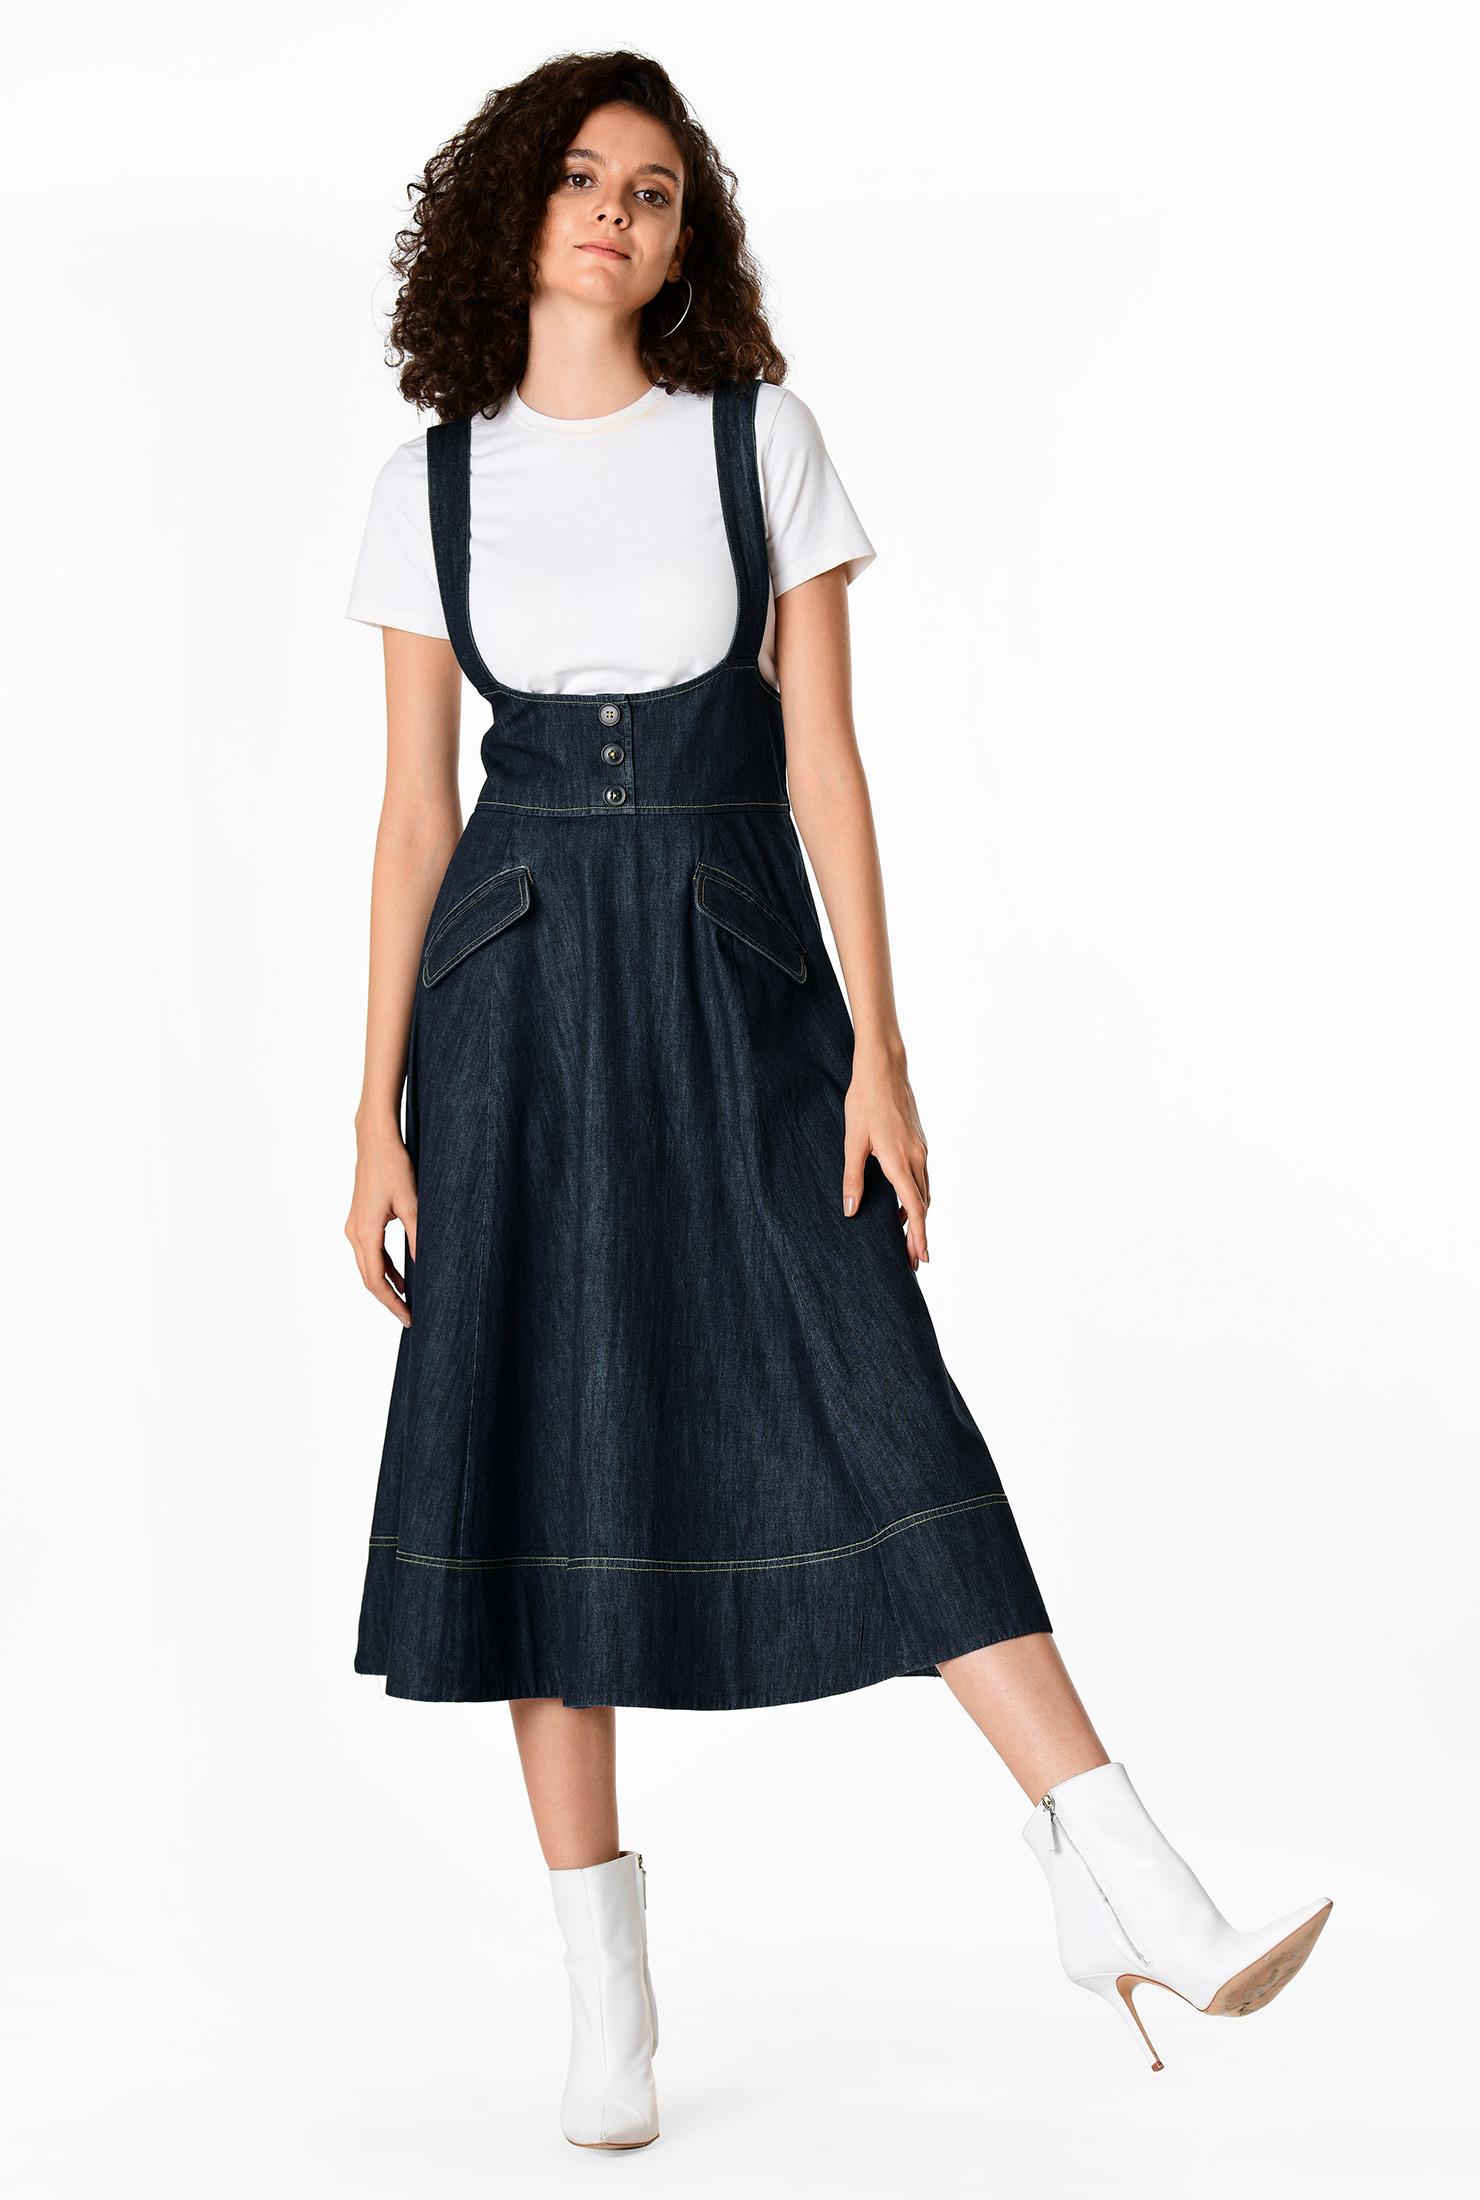 Deep indigo denim button jumper dress